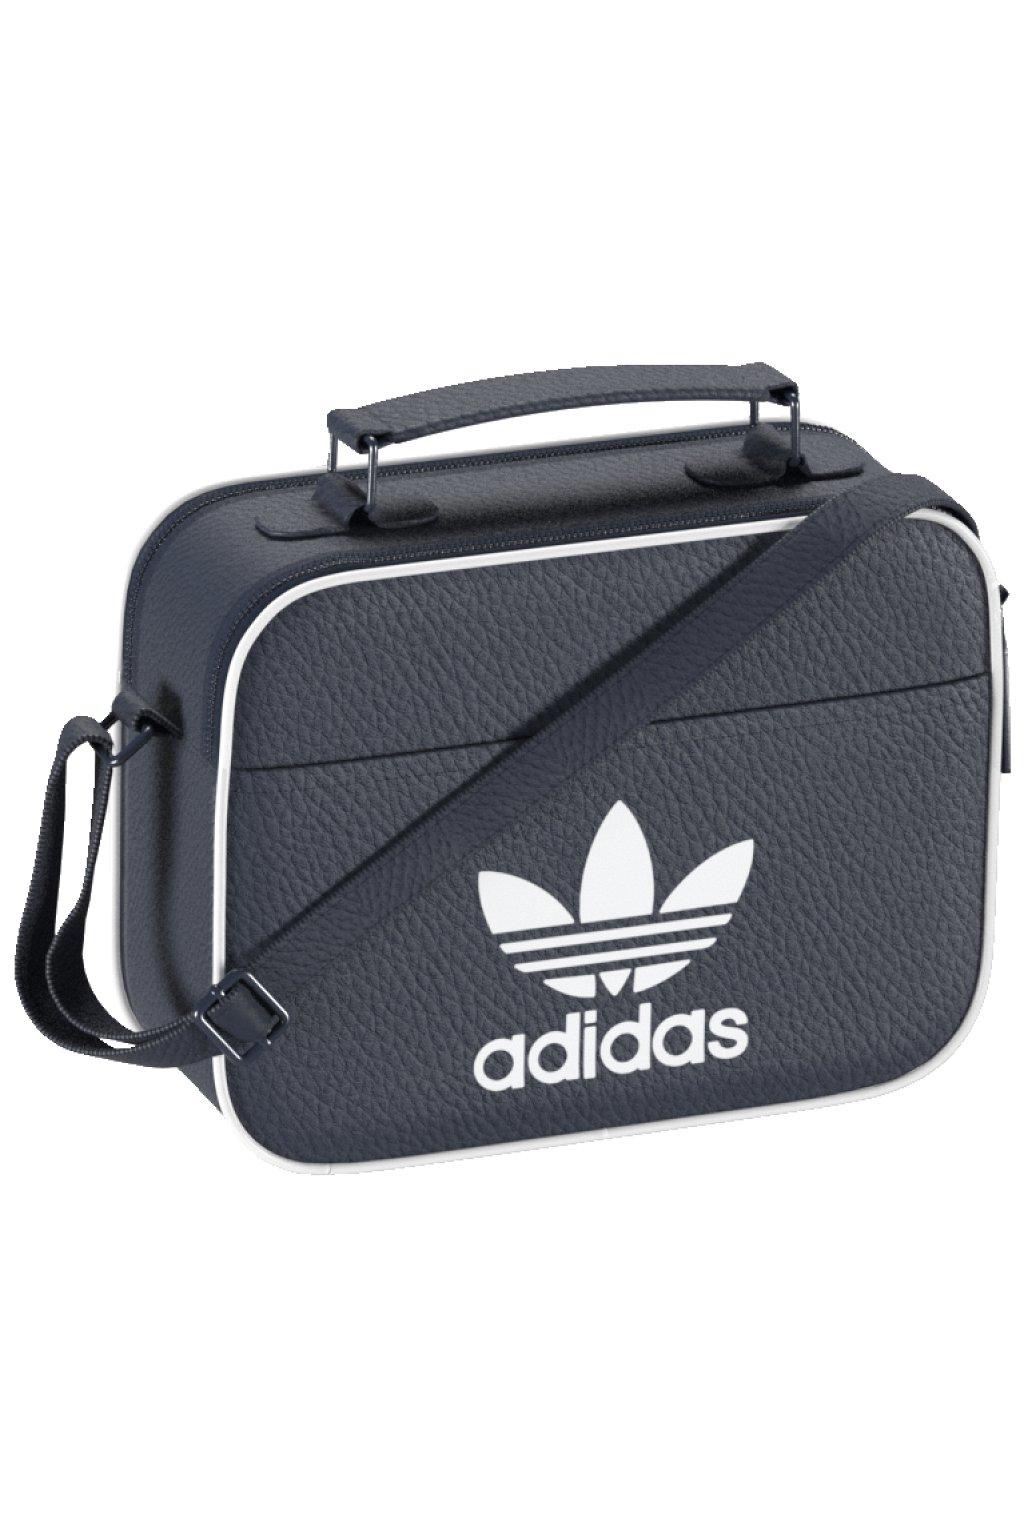 BK2135 taška adidas mini airl fv